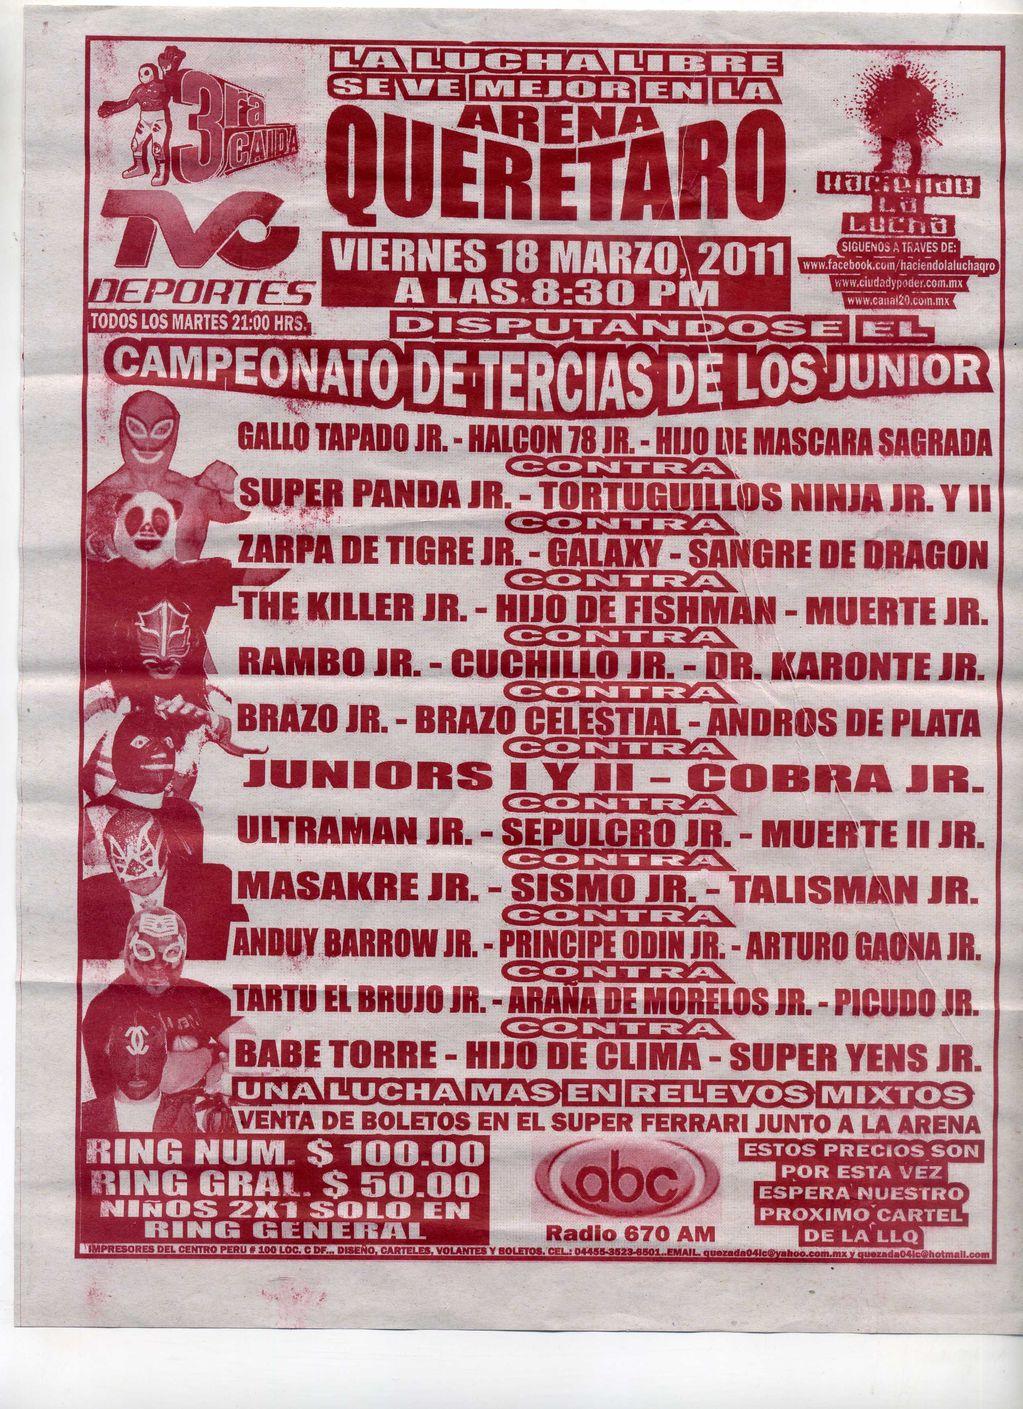 Arena Querétaro: Máscara Sagrada Jr., Halcón 78 Jr. y Gallo Tapado Jr., NUEVOS CAMPEONES DE TERCIAS DE LOS JUNIORS – Picudo Jr., Brazo Celestial, entre otros 6